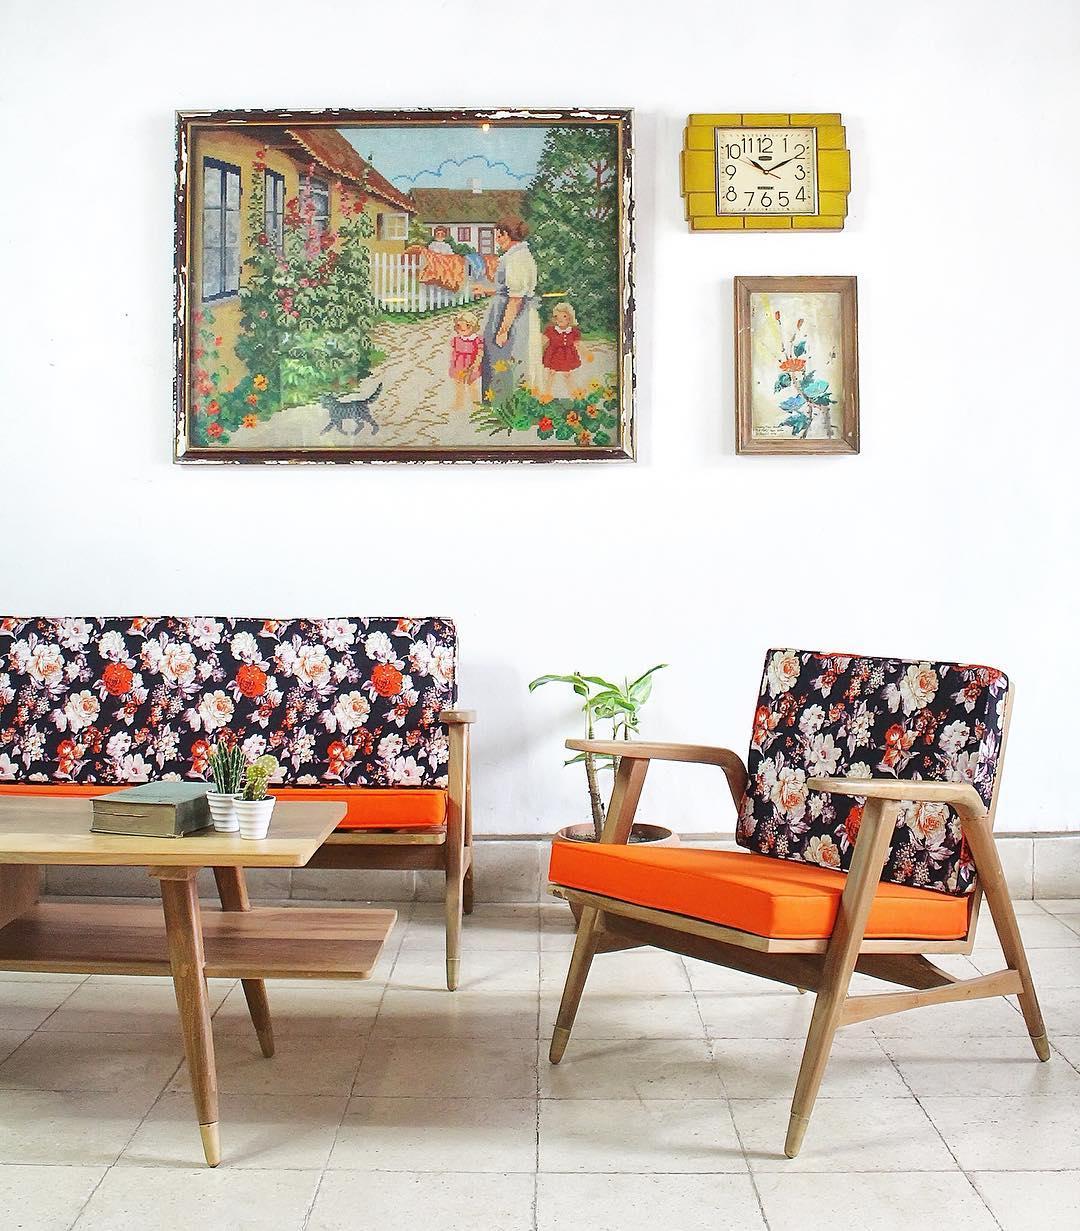 27 Desain Ruang Tamu Minimalis Bergaya Klasik Vintage Terbaru 2017